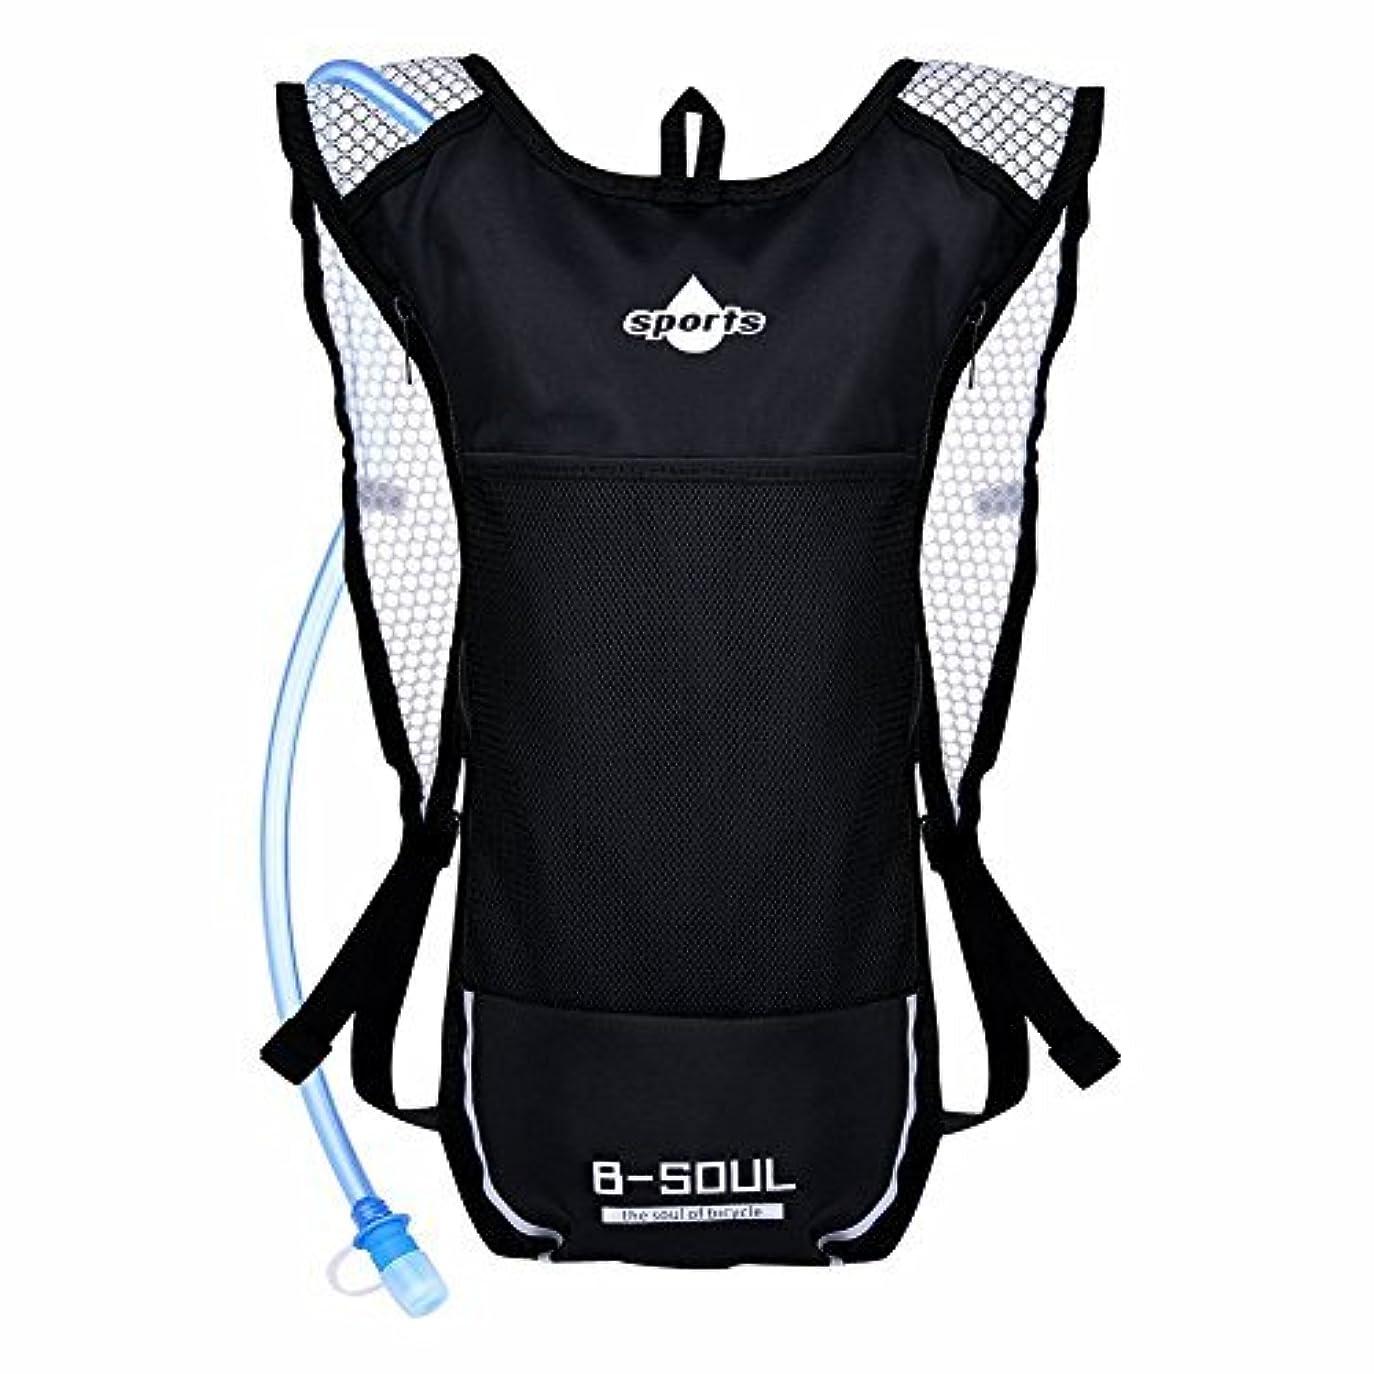 嫌いまだしわVBIGER ハイドレーションバッグ 2L/2.5L/3L 水分補給 ウォーターバッグ リュック 自転車 サイクリングバッグ タクティカル 登山 ランニング アウトドア 給水装備 バックパック